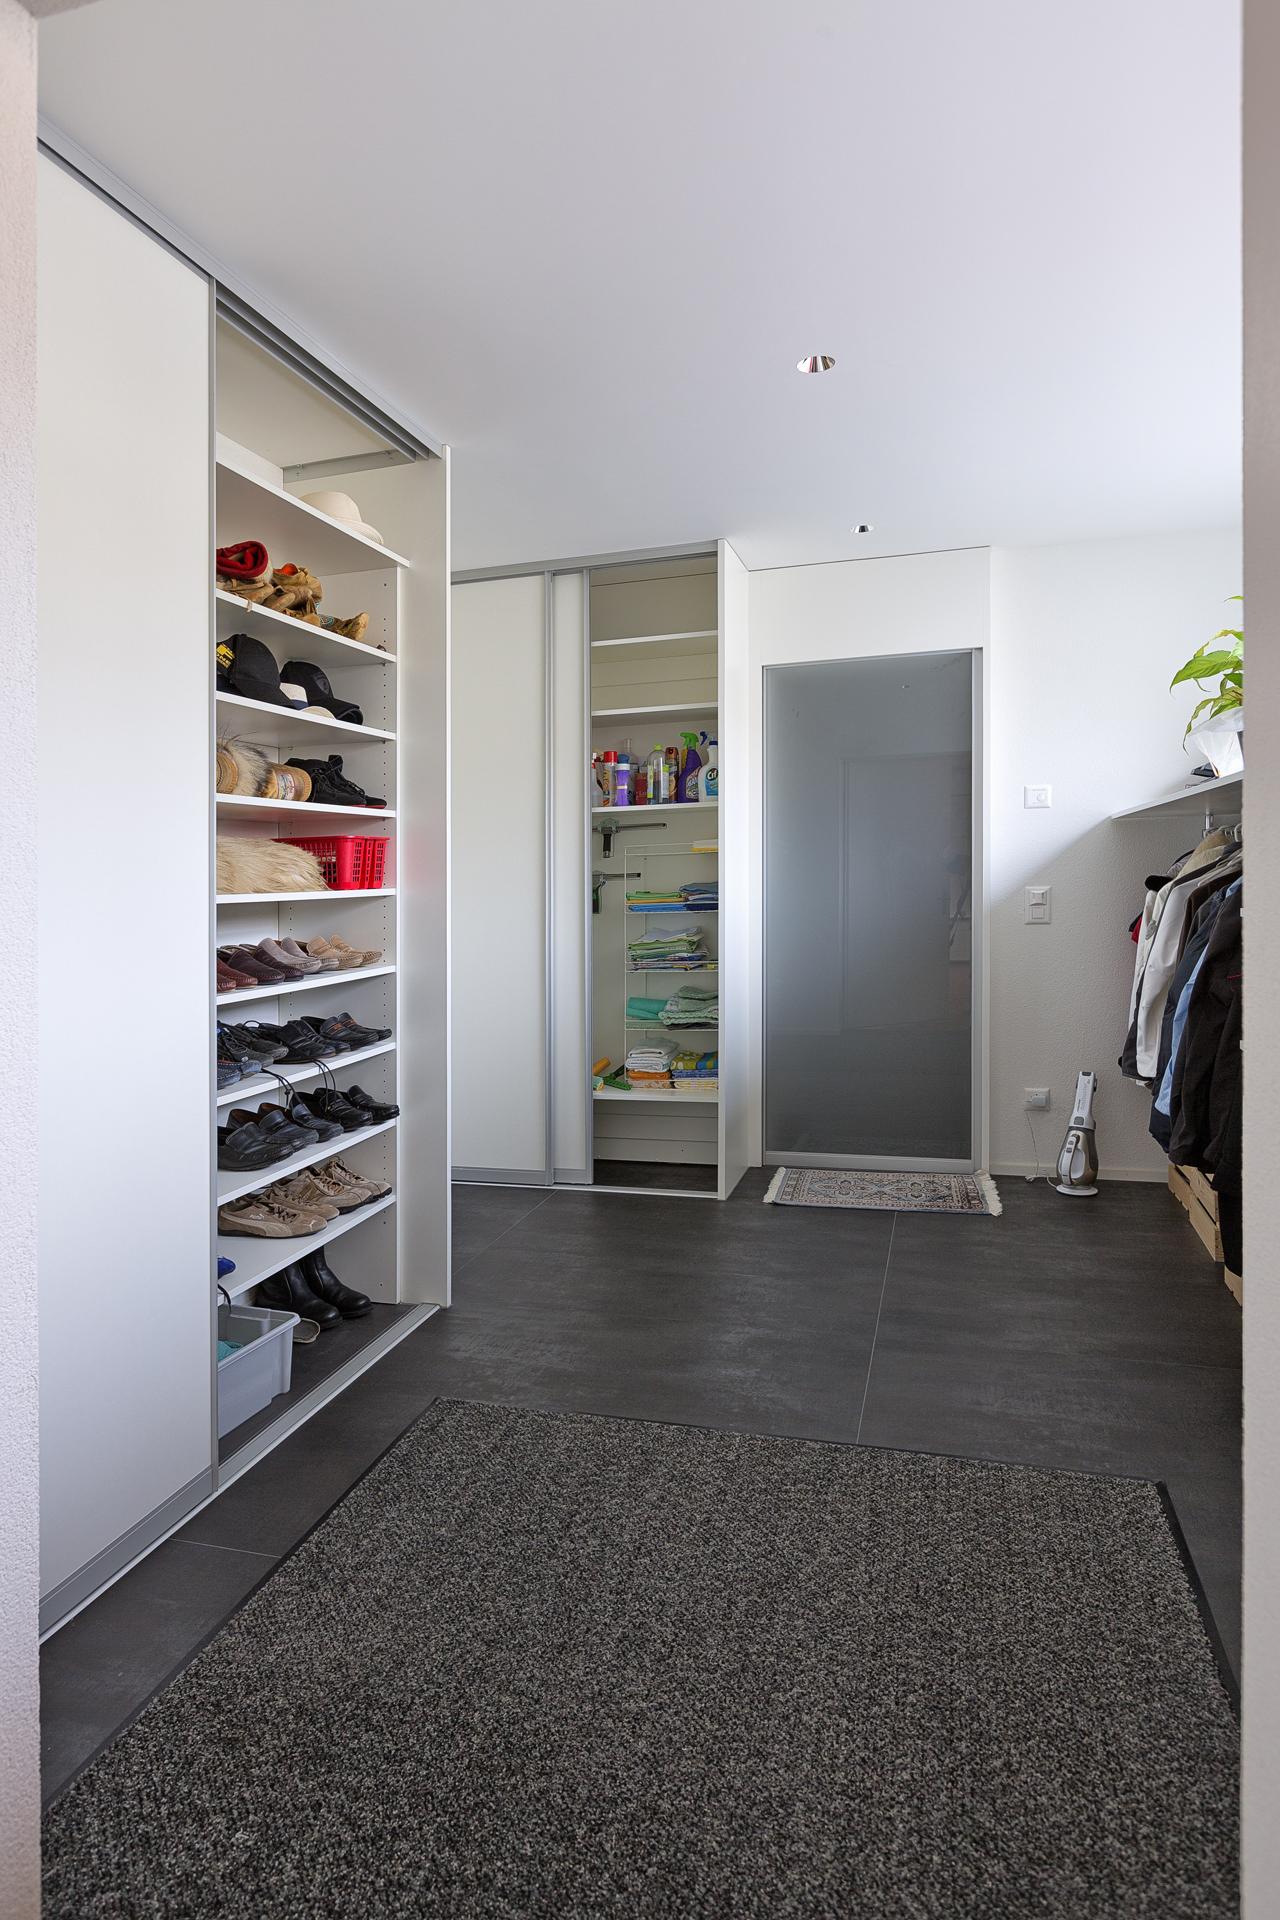 offene tagesgarderobe neben schiebet renschr nken f r schuhe und den hausrat auf zu. Black Bedroom Furniture Sets. Home Design Ideas